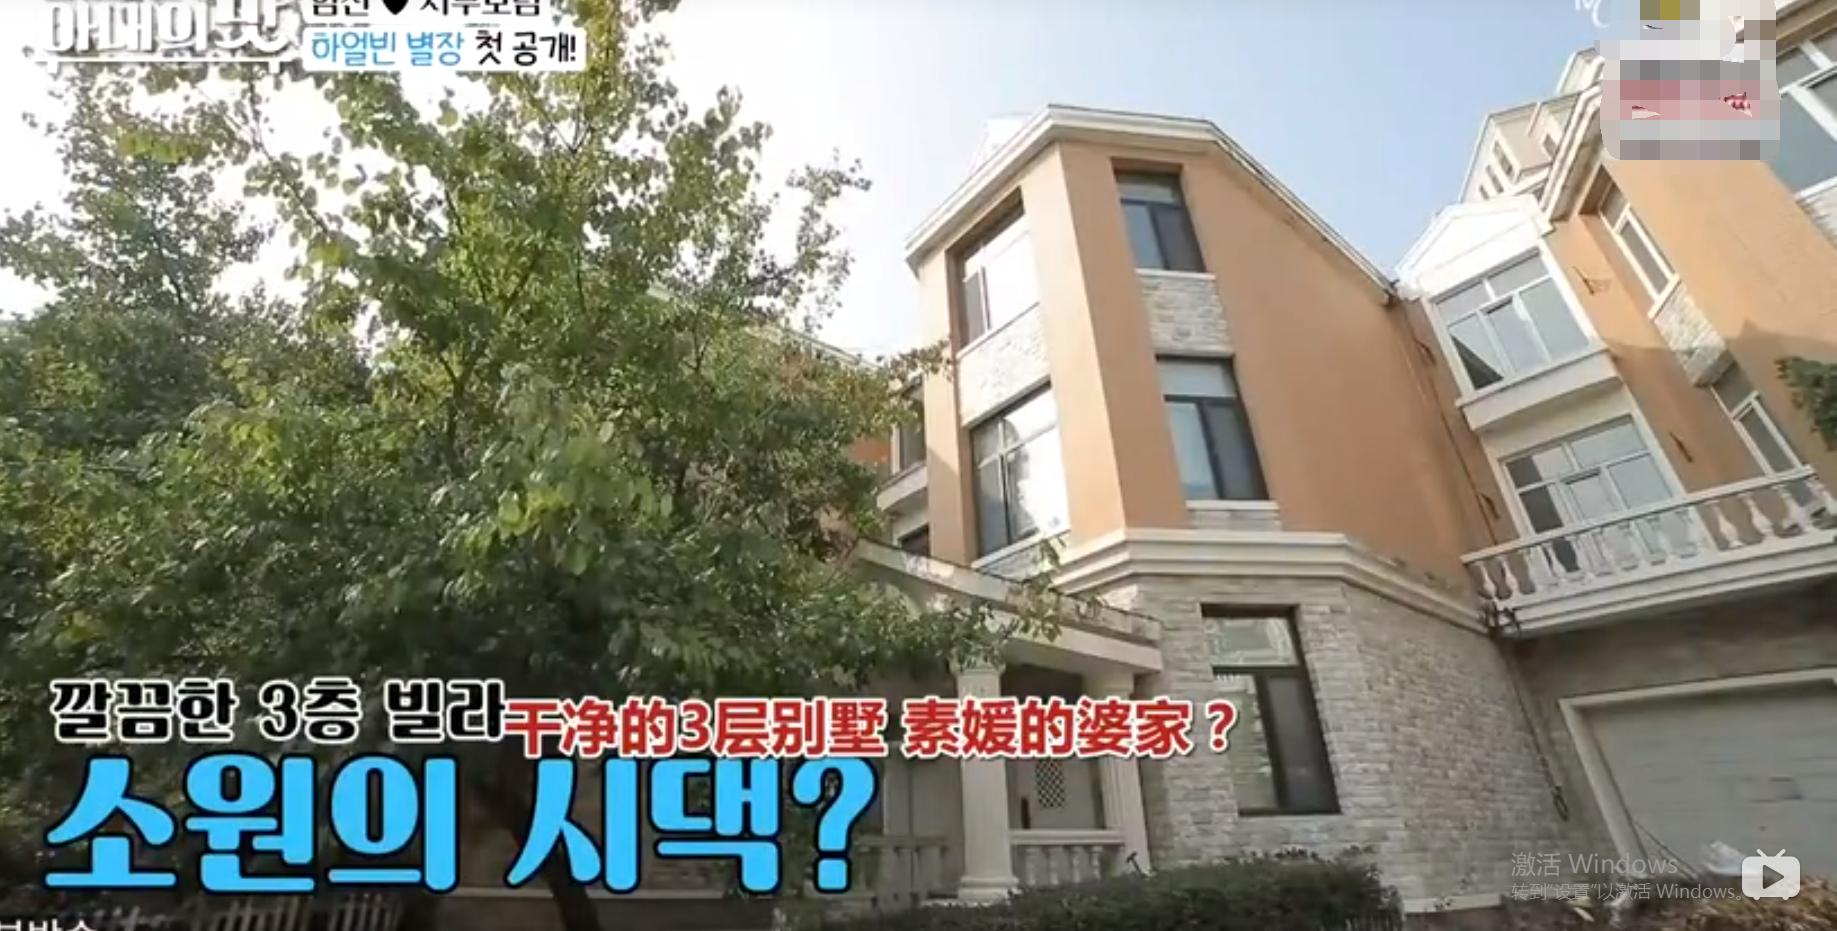 陈华父母为收庄稼买三层别墅,看清内部装修,只能说贫穷限制想象